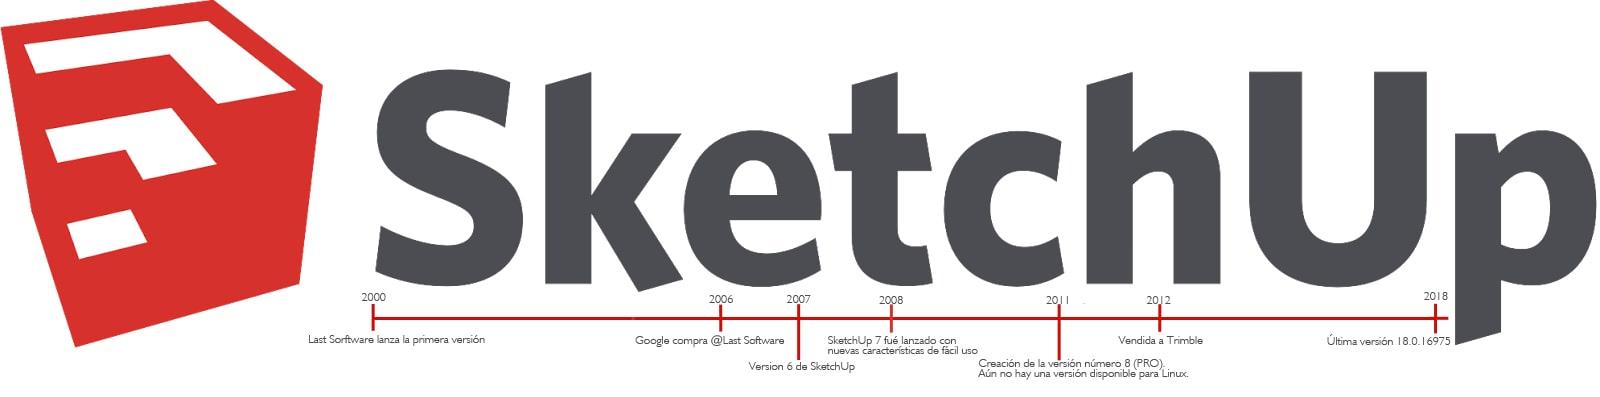 Historia y evolución de Sketchup